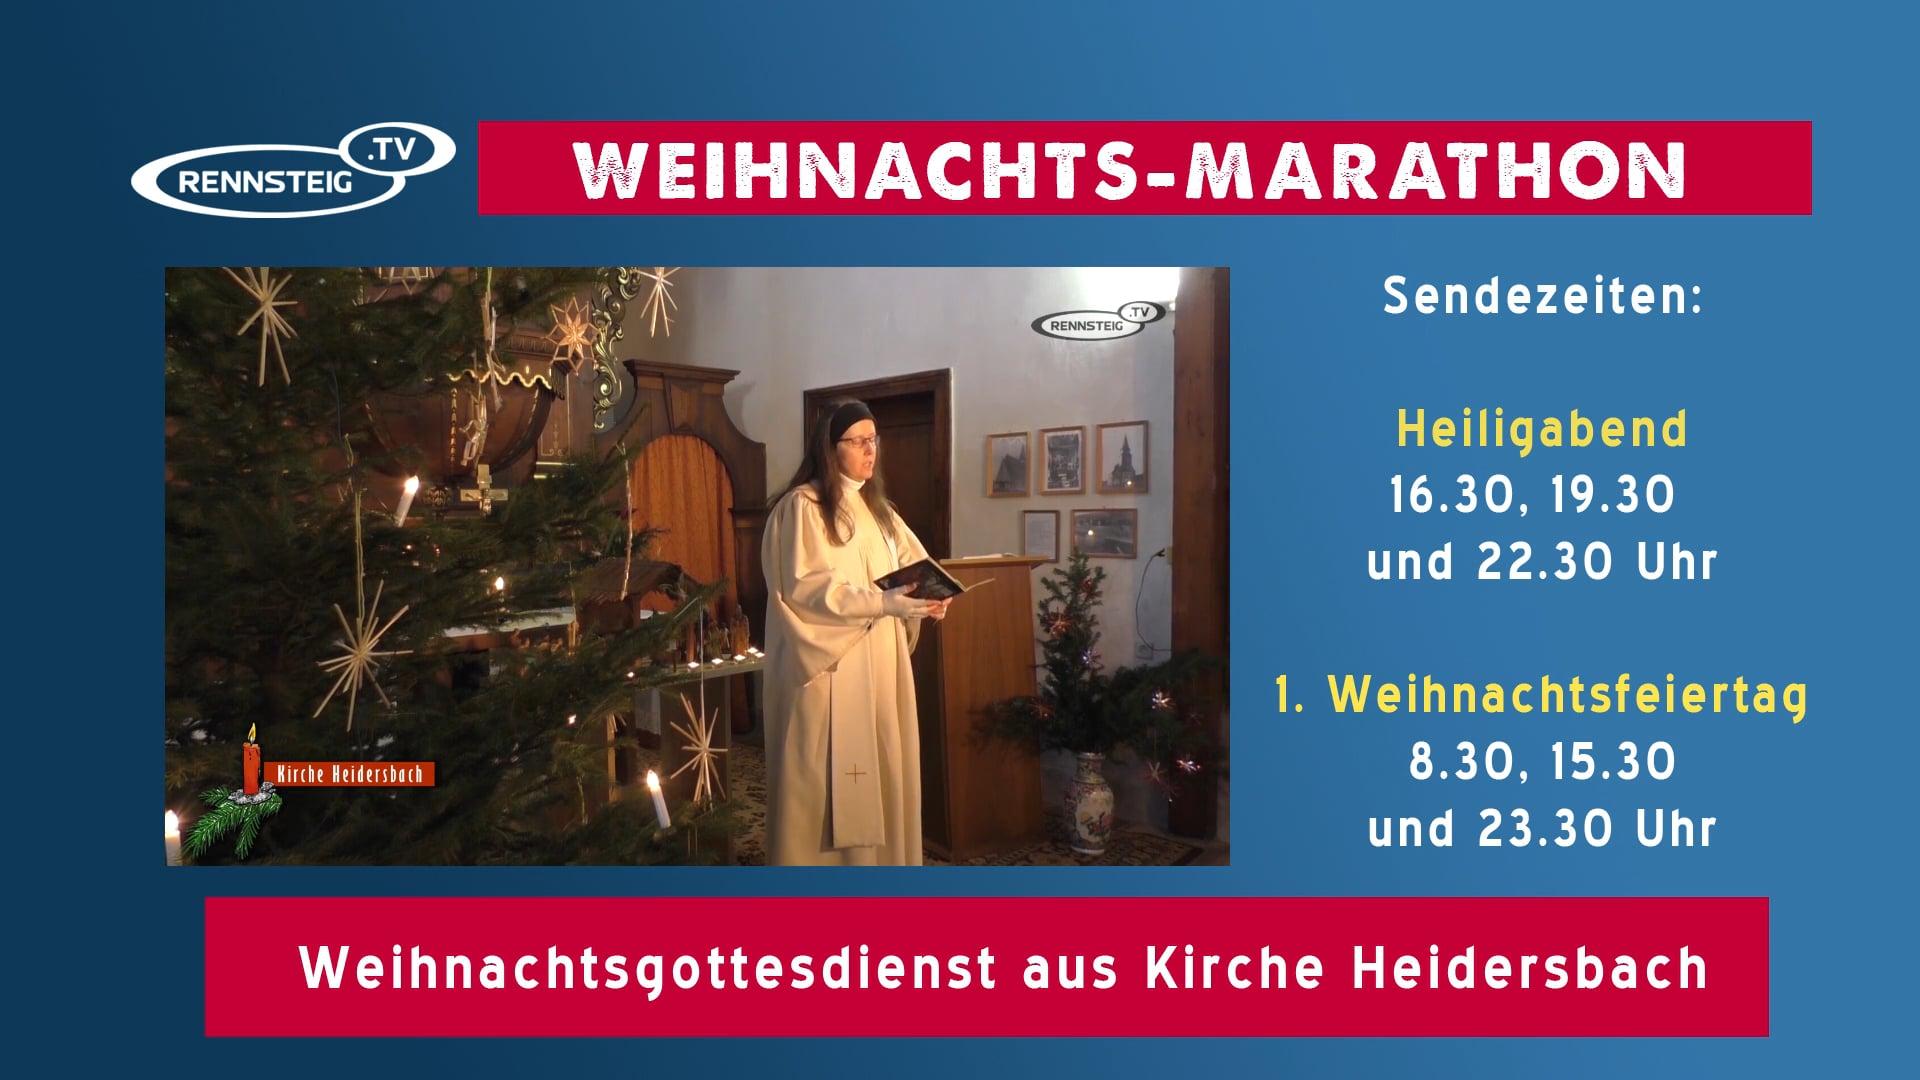 Tv Weihnachtsprogramm 2021